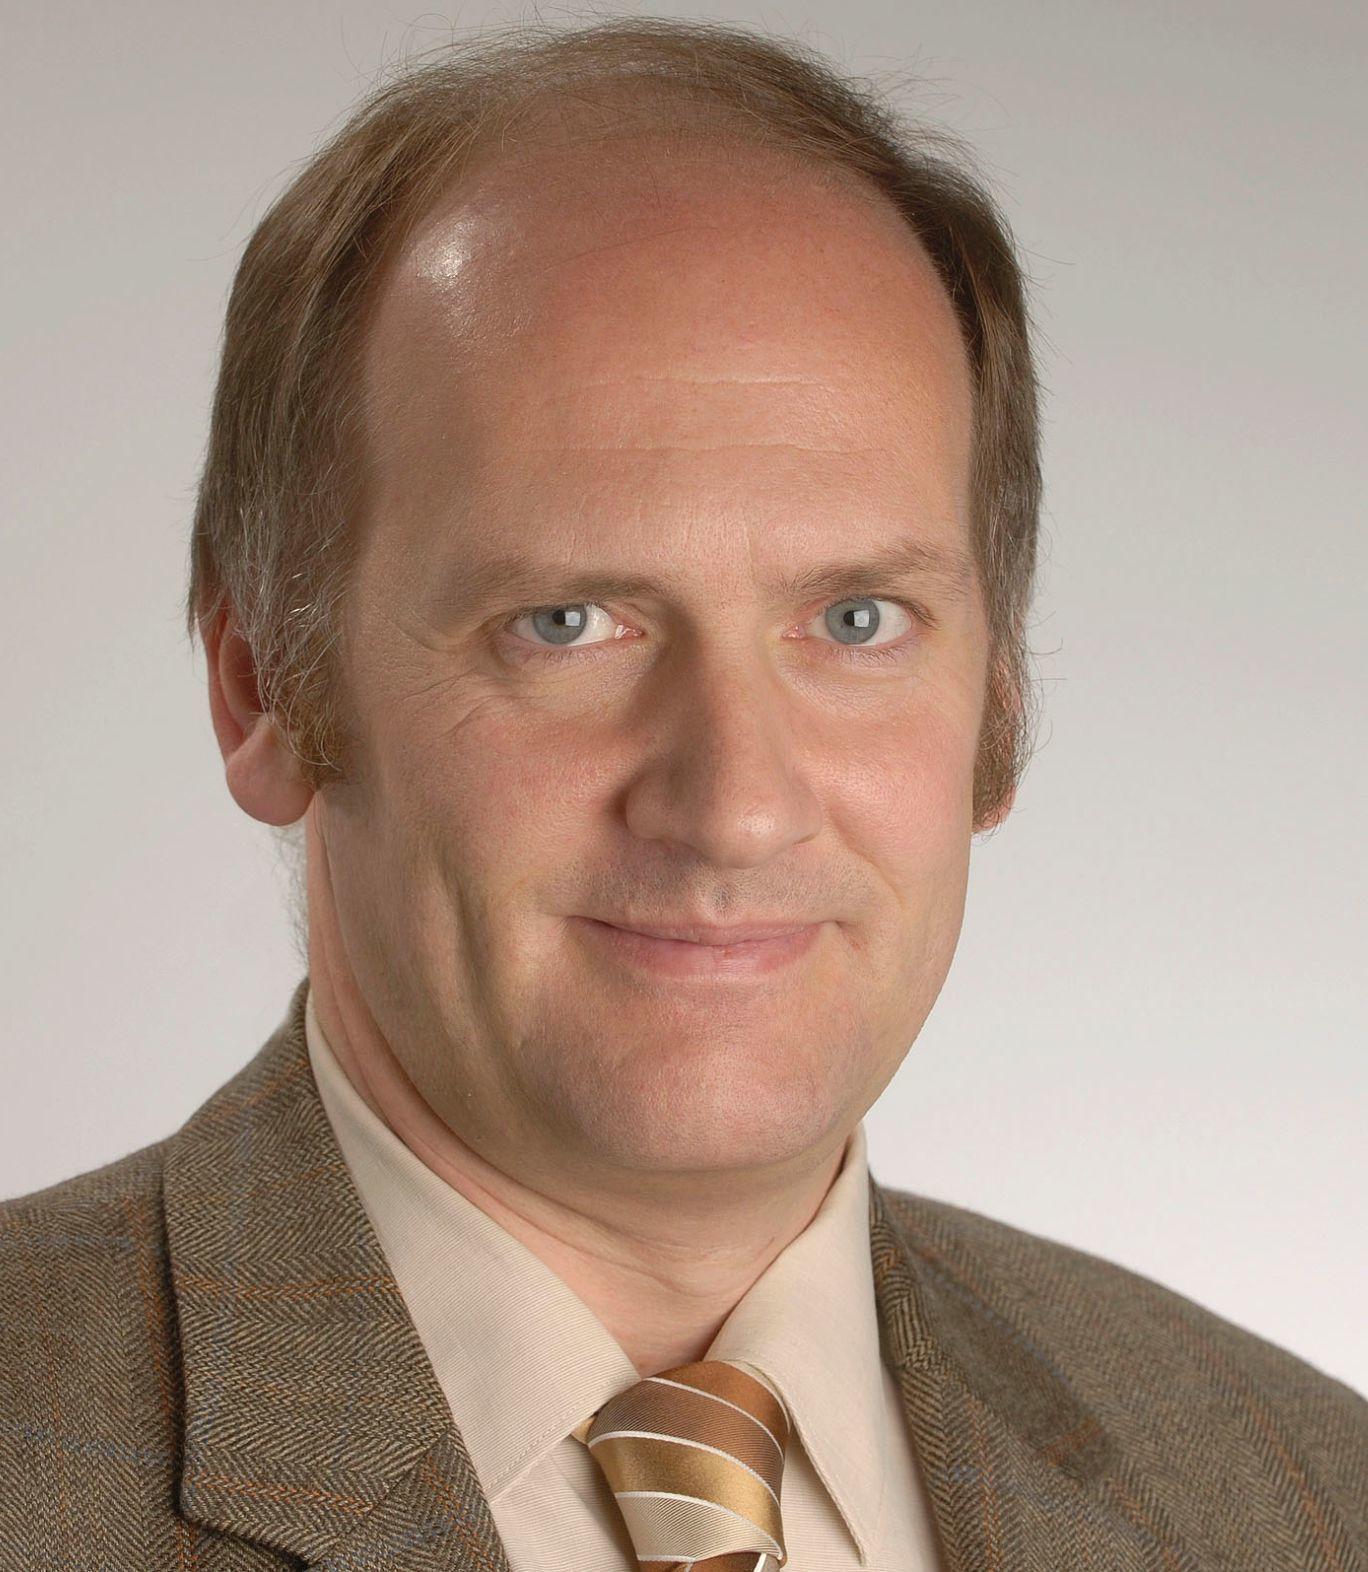 Peter W. Ragge